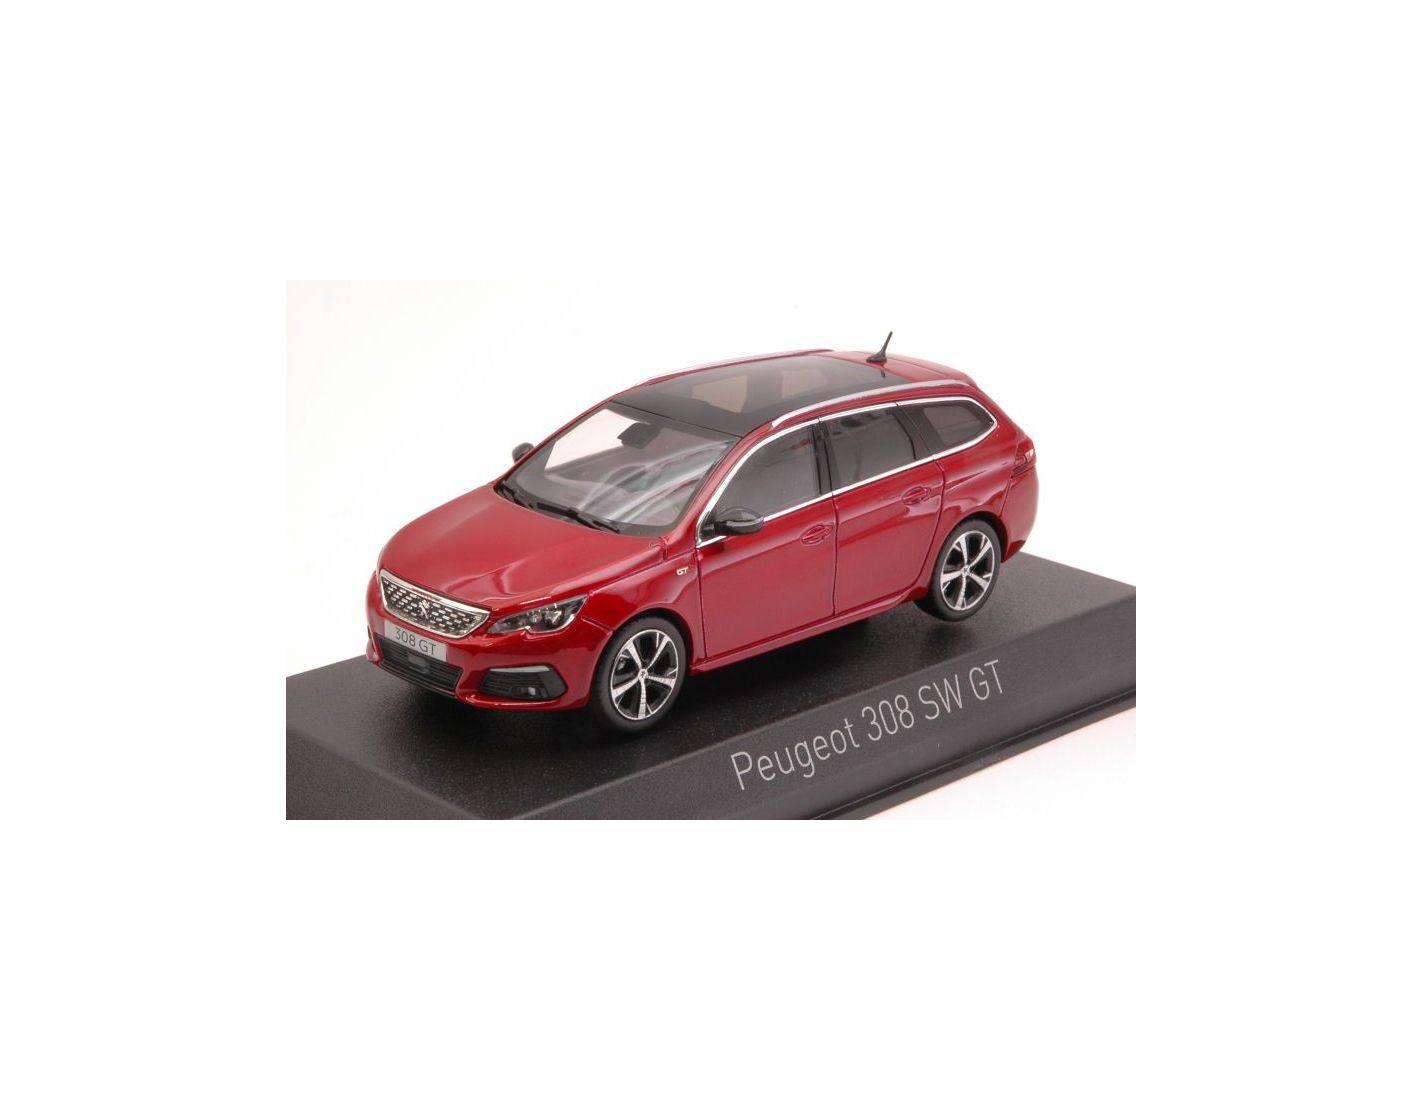 auto 1 43 norev nv473817 peugeot 308 sw gt 2017 ultimate red 1 43 modellino modellino shop. Black Bedroom Furniture Sets. Home Design Ideas